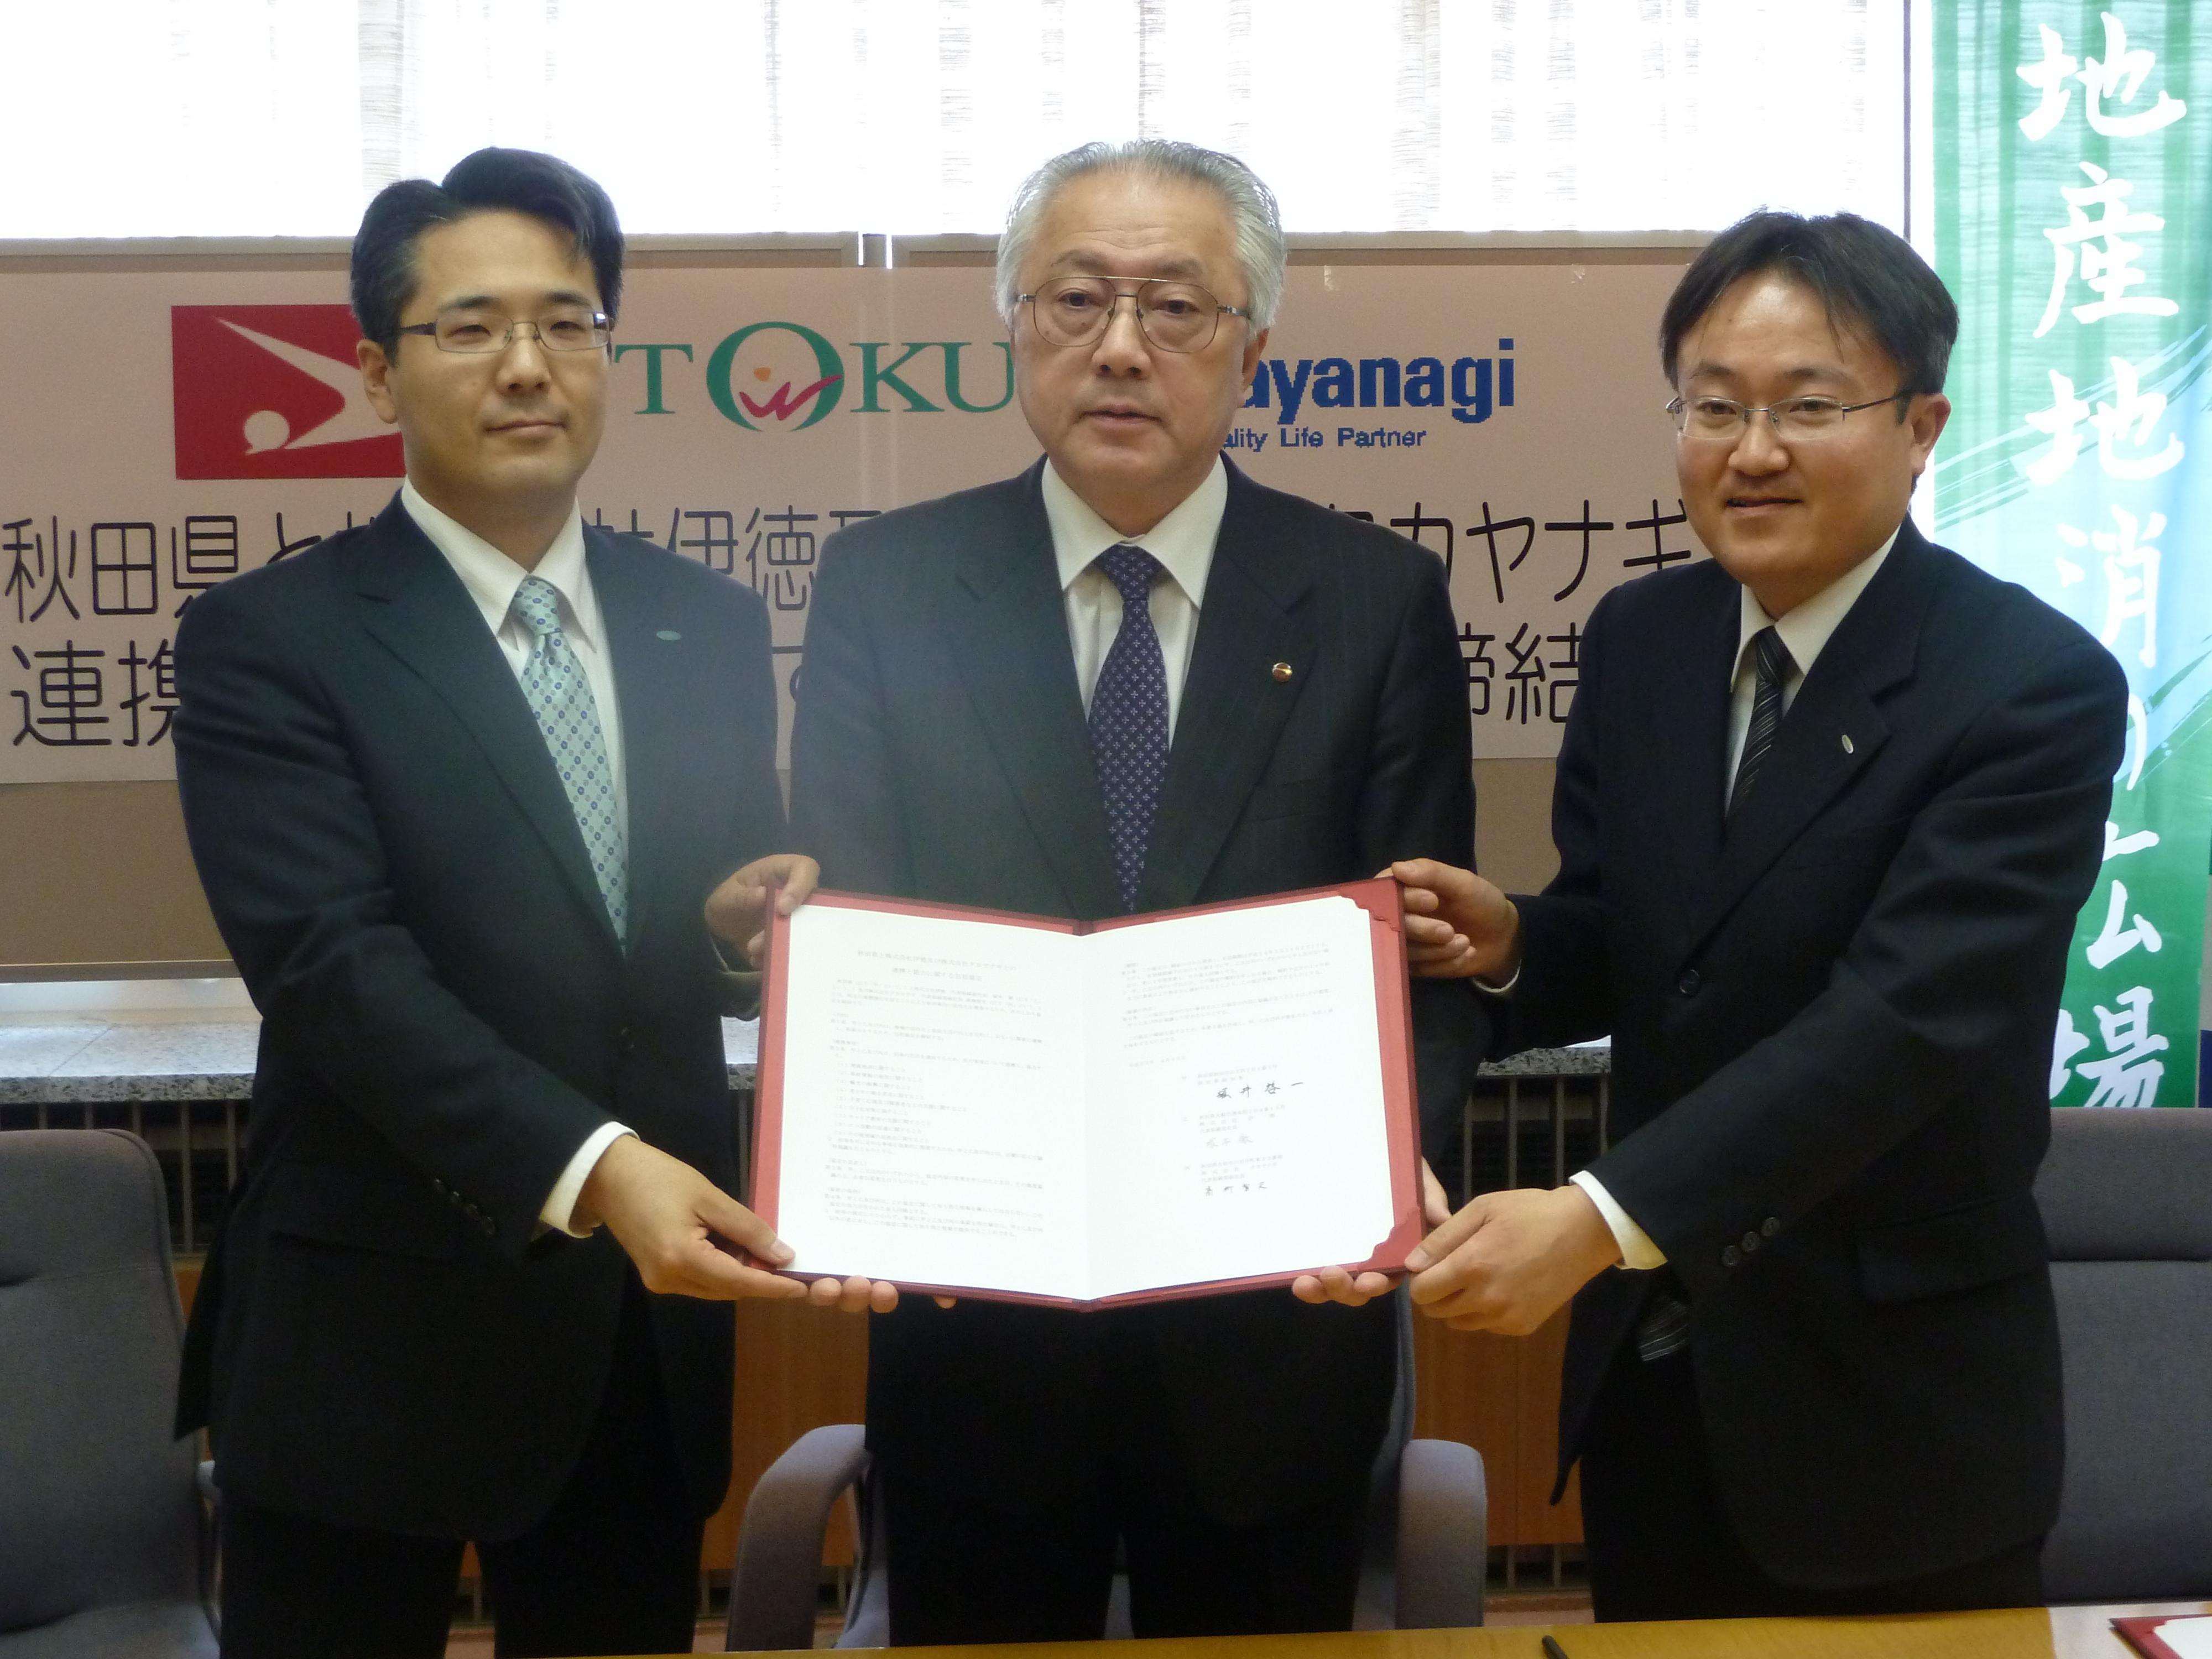 秋田県と株式会社伊徳及び株式会社タカヤナギは「連携と協力に関する包括協定」を締結しました